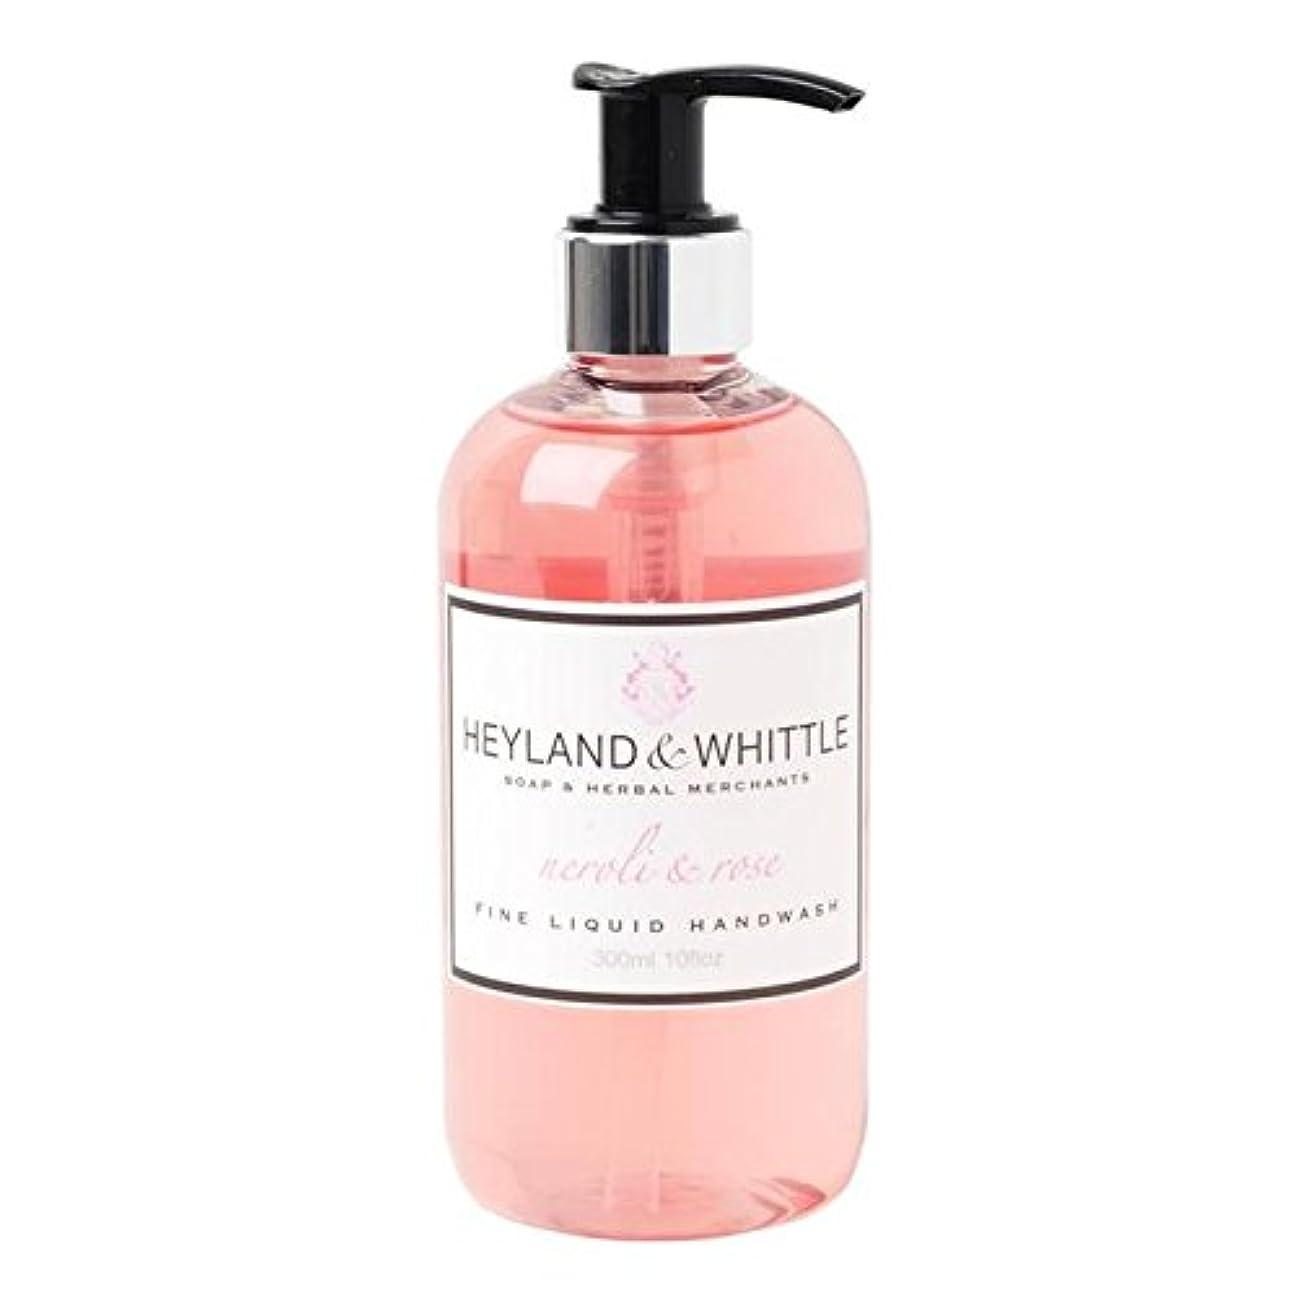 バトル尽きるアウトドア&削るネロリ&手洗いの300ミリリットルをバラ x4 - Heyland & Whittle Neroli & Rose Handwash 300ml (Pack of 4) [並行輸入品]